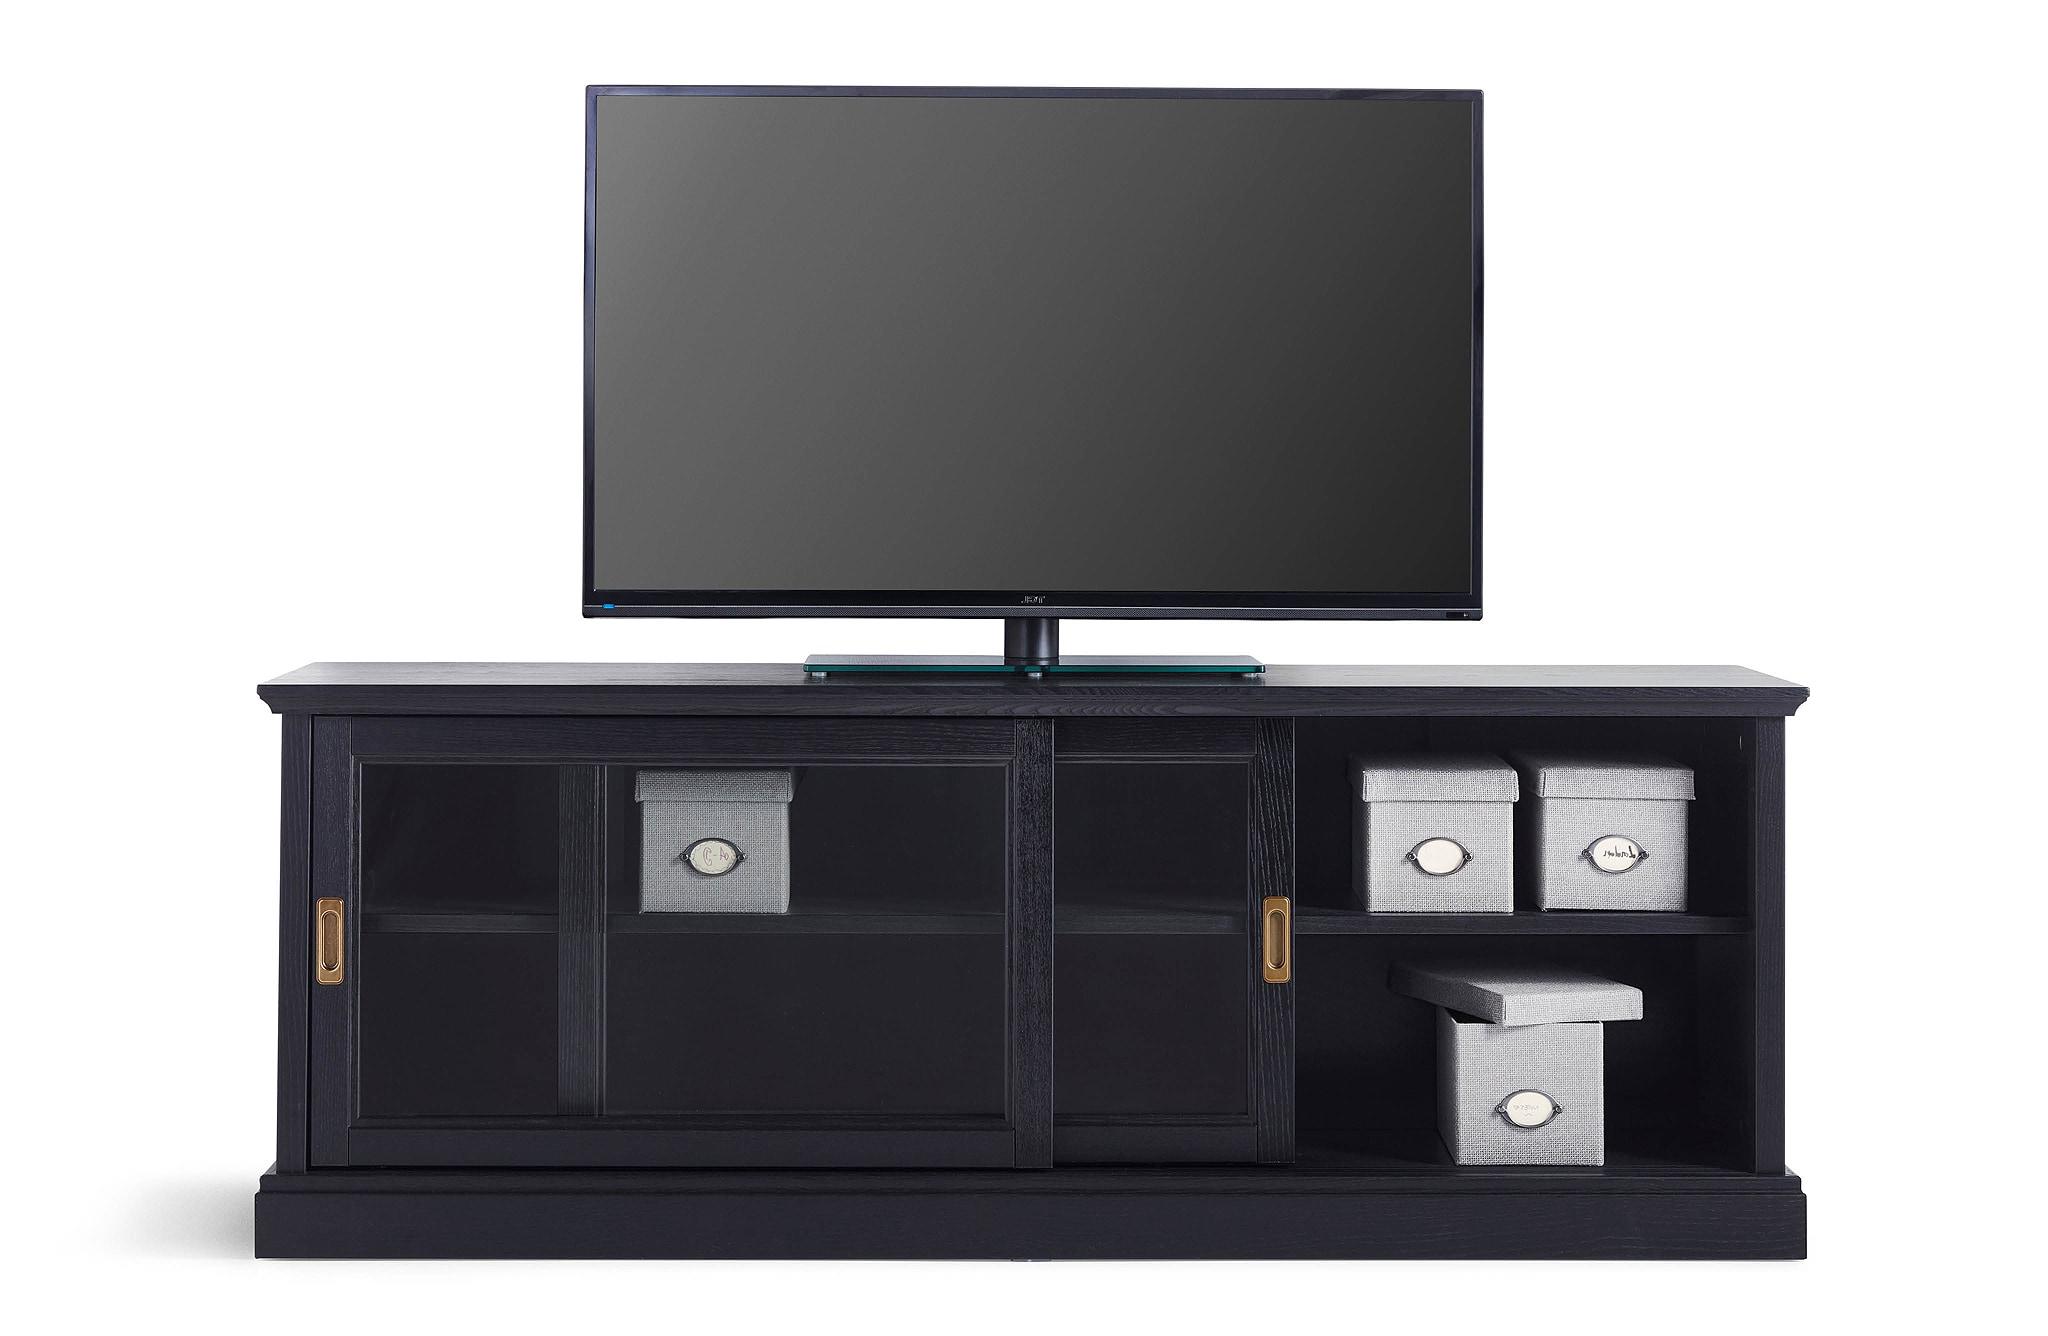 Muebles Para Television Ikea Kvdd Muebles De Tv Y Muebles Para El Salà N Pra Online Ikea